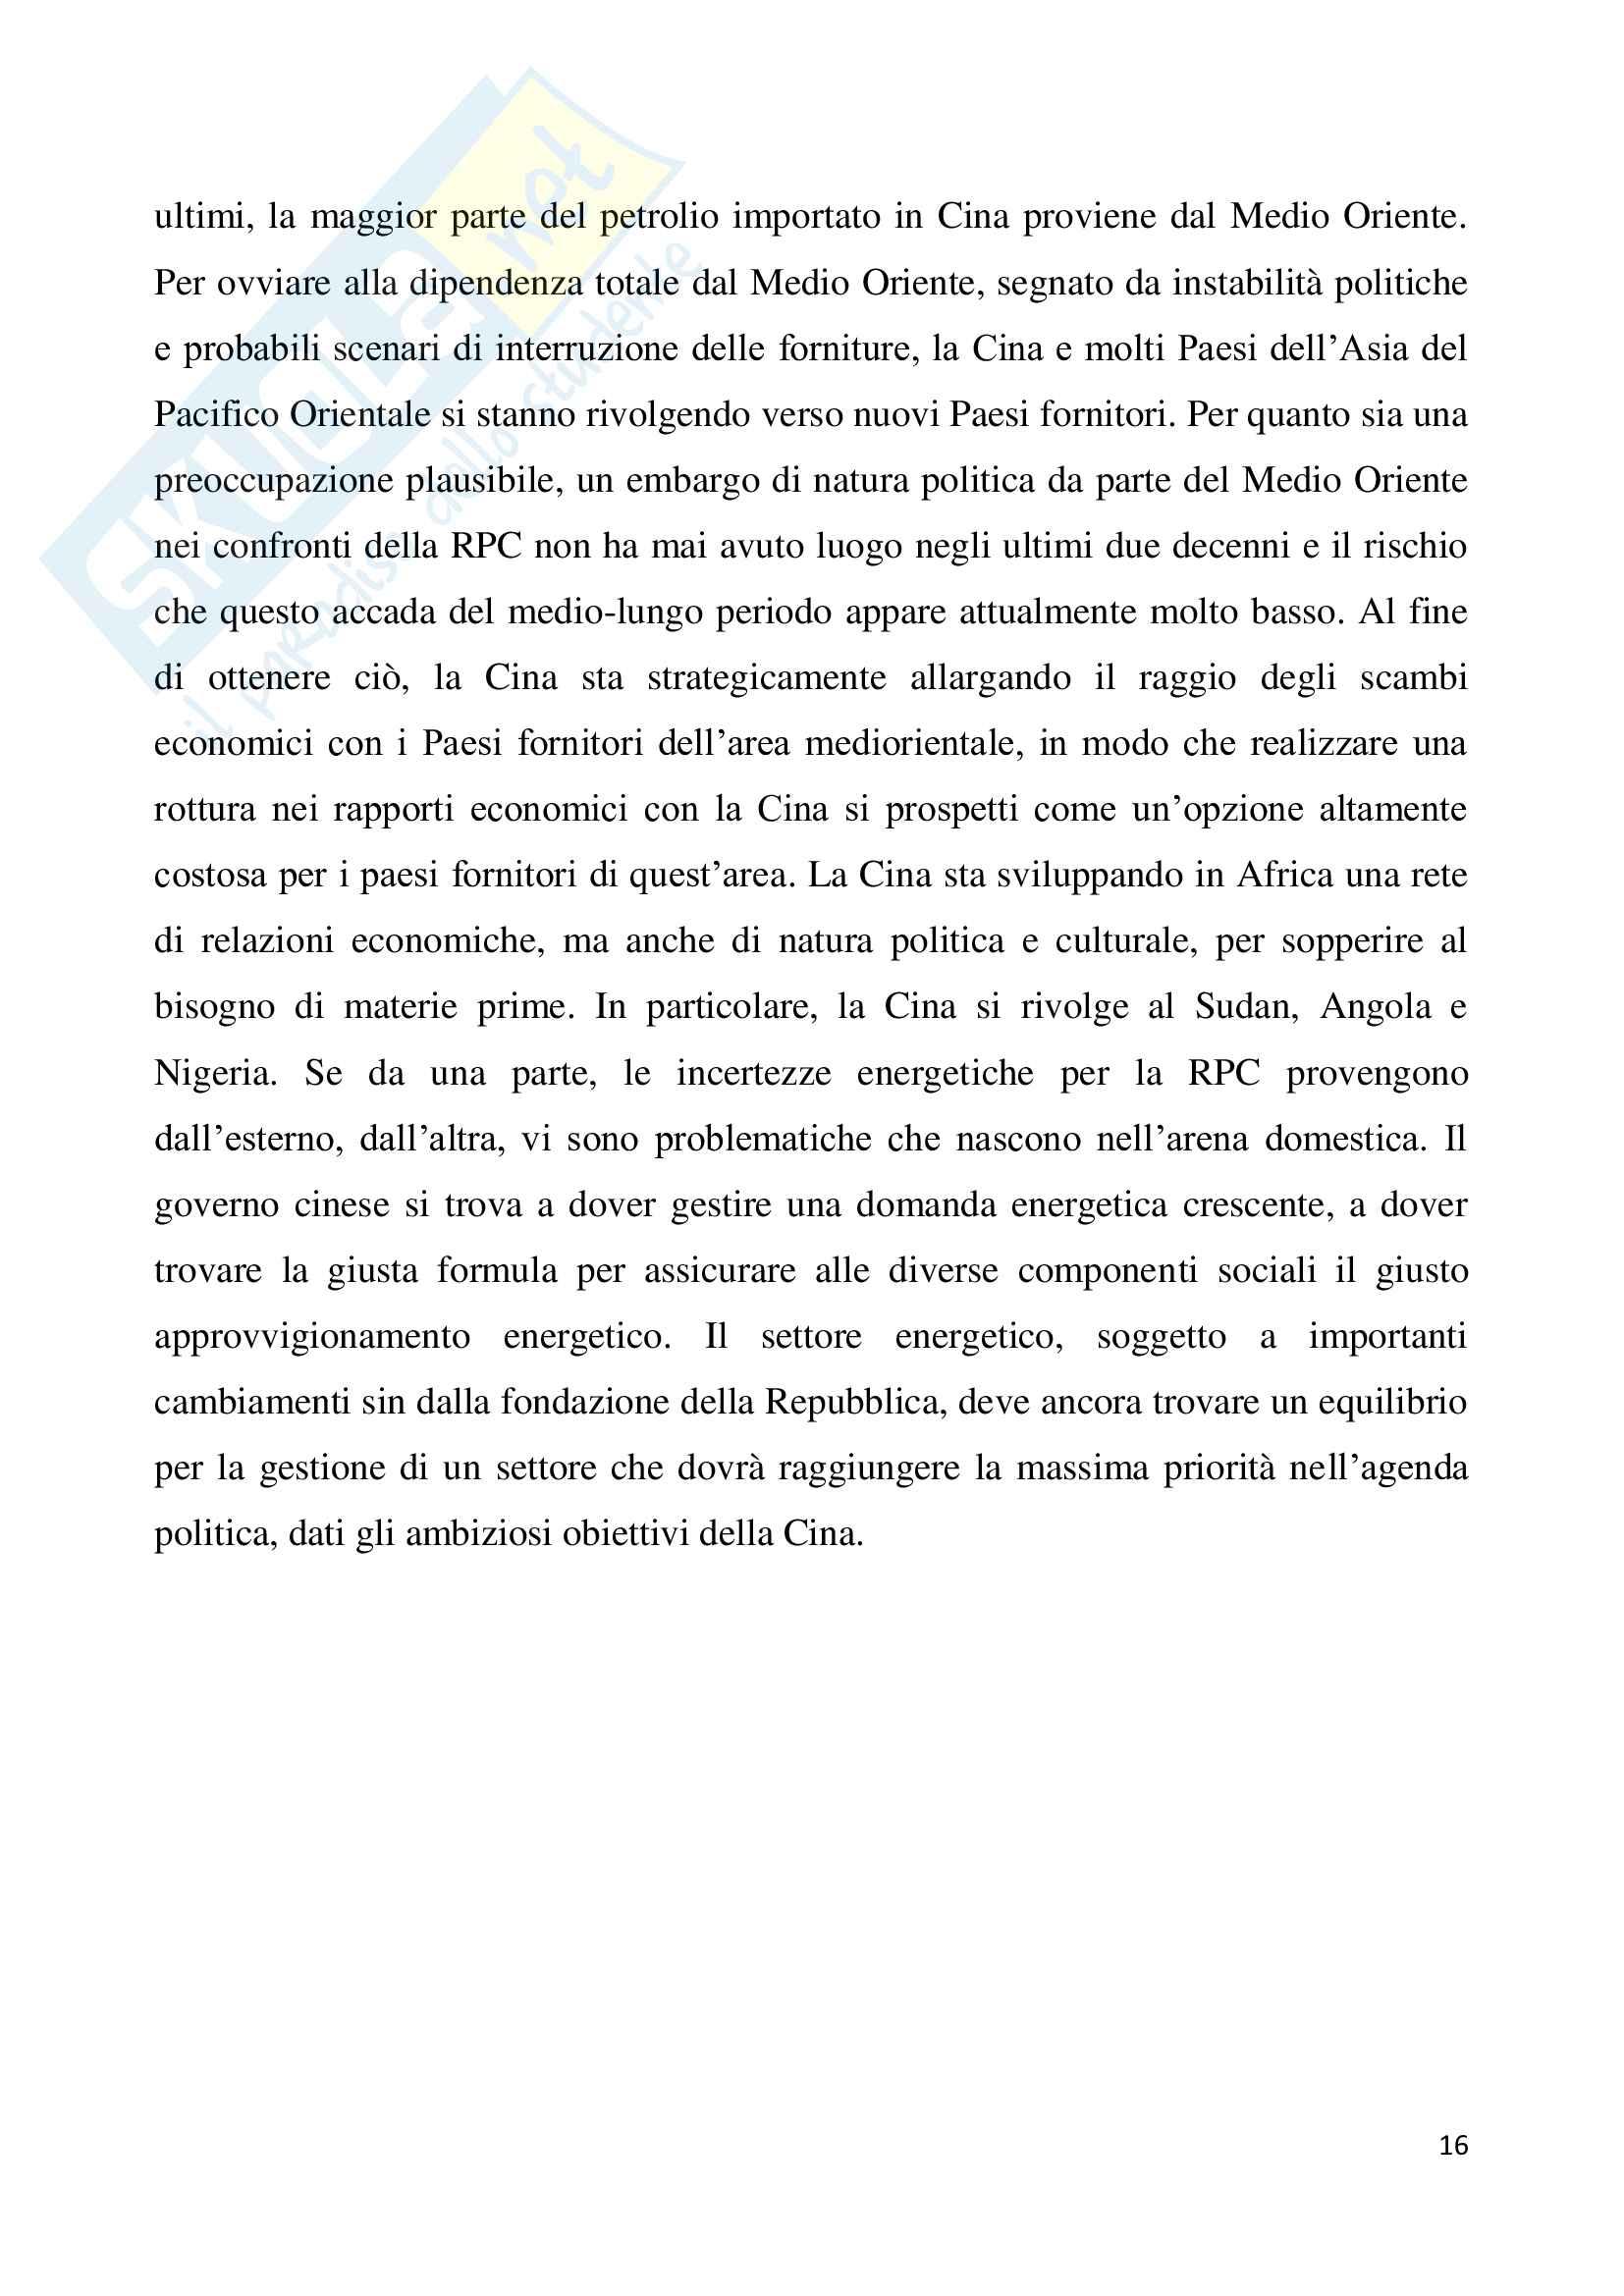 Tesi - Le nuove politiche energetiche della Repubblica Popolare Cinese Pag. 16